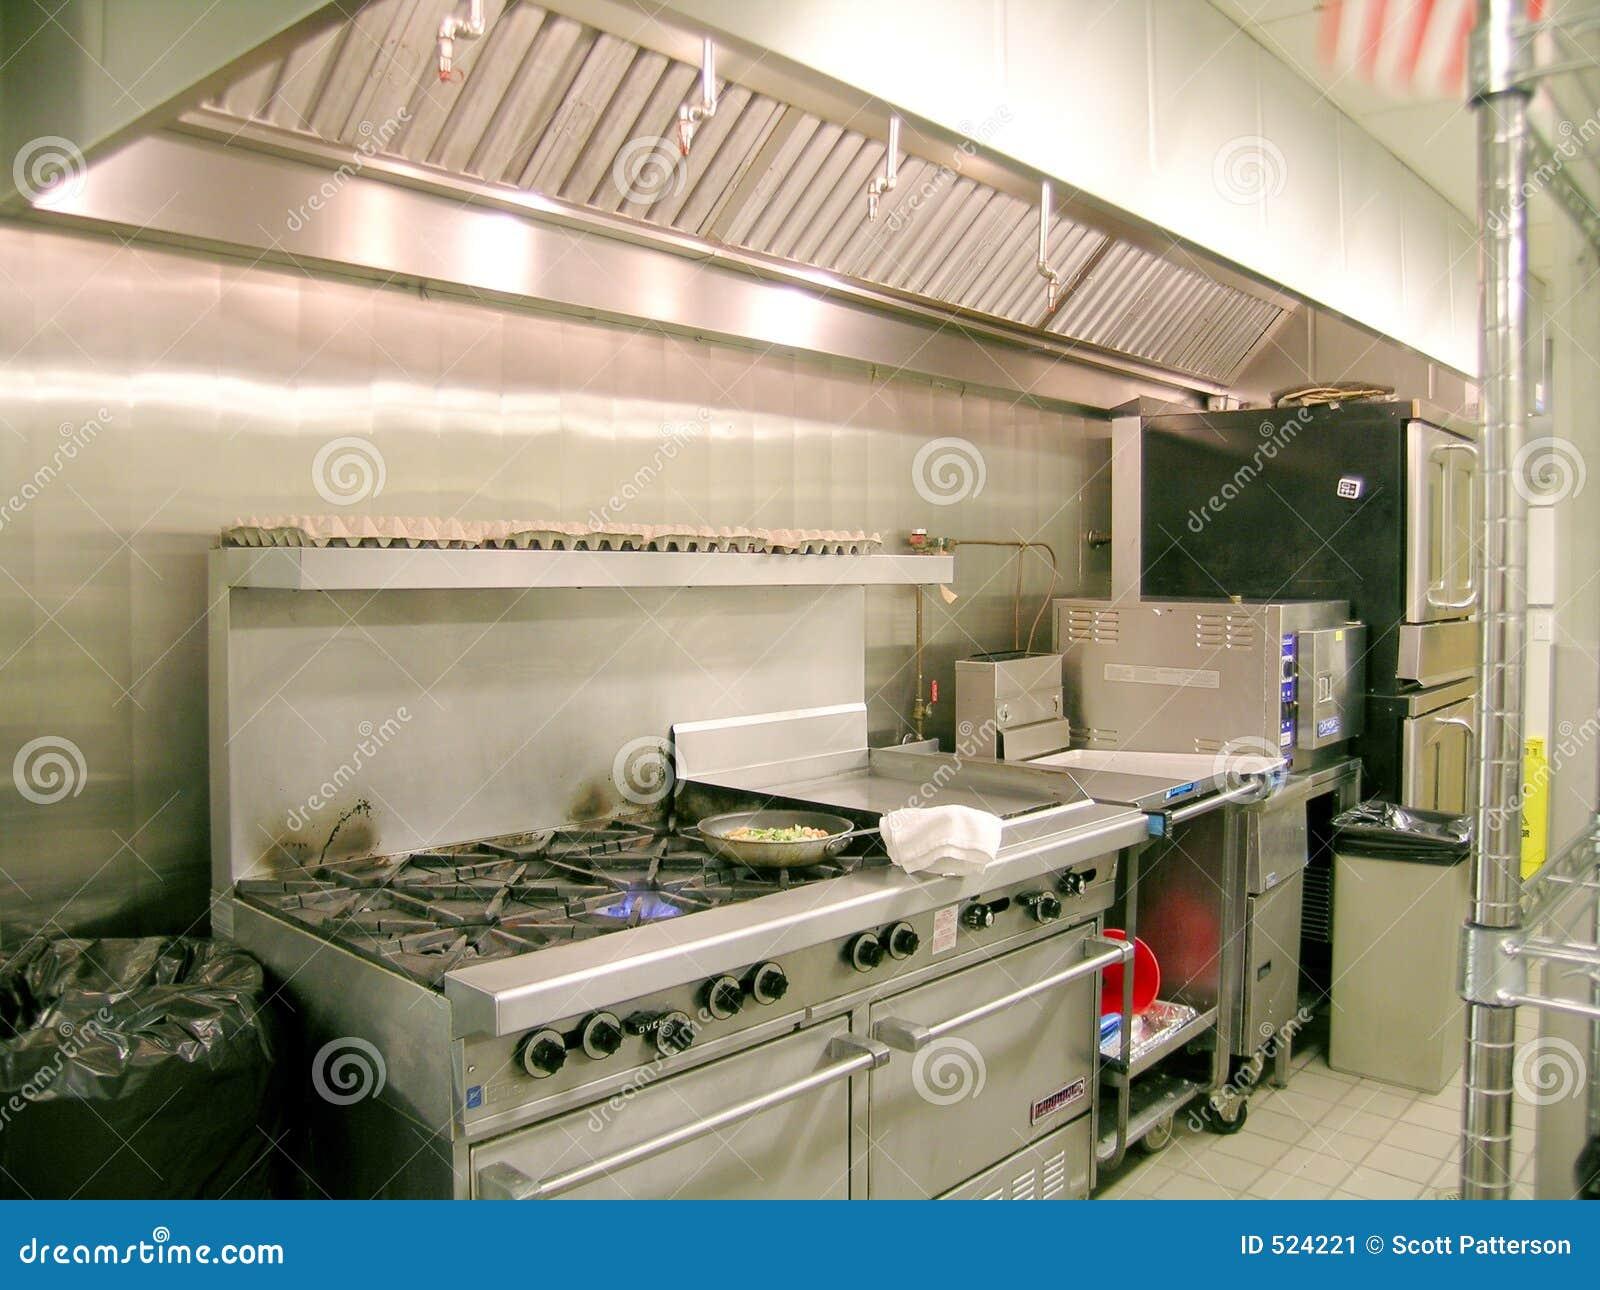 Ligne de cuisine industrielle image stock image 524221 for Cuisine industrielle